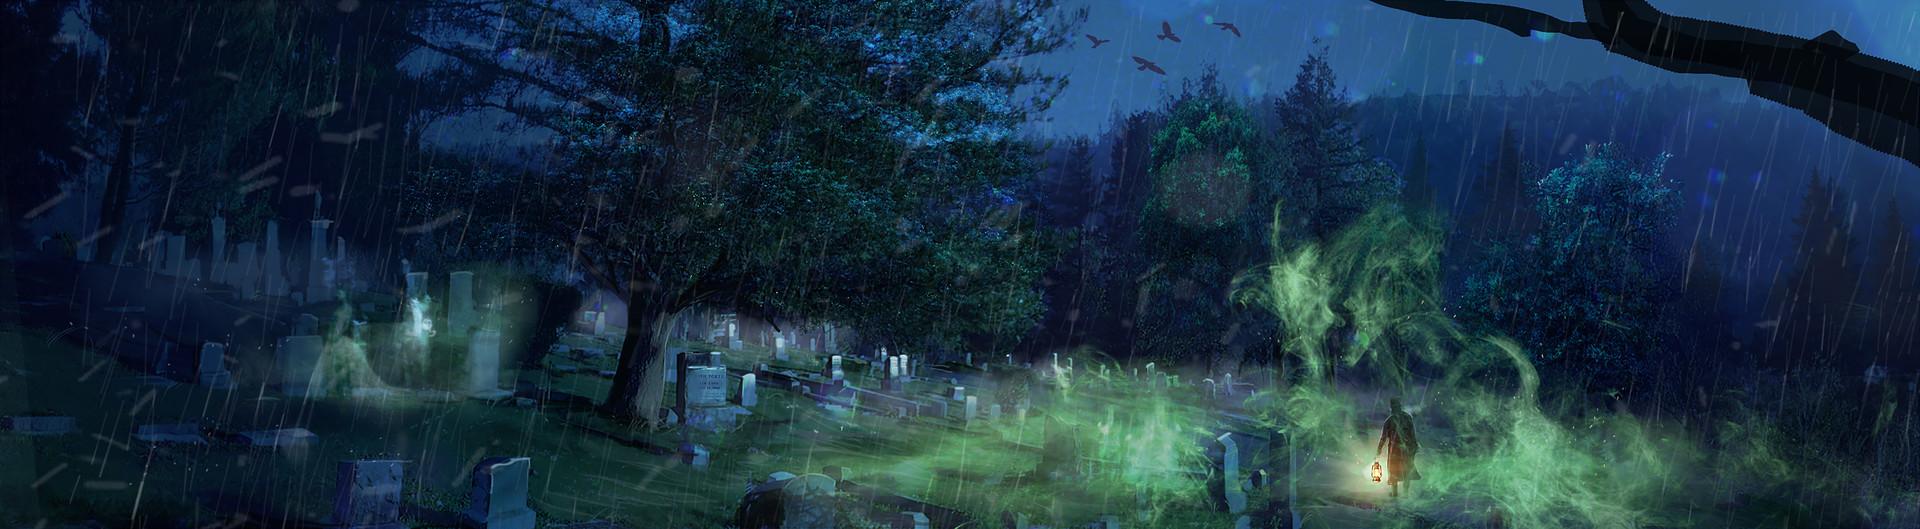 Michael morris graveyard